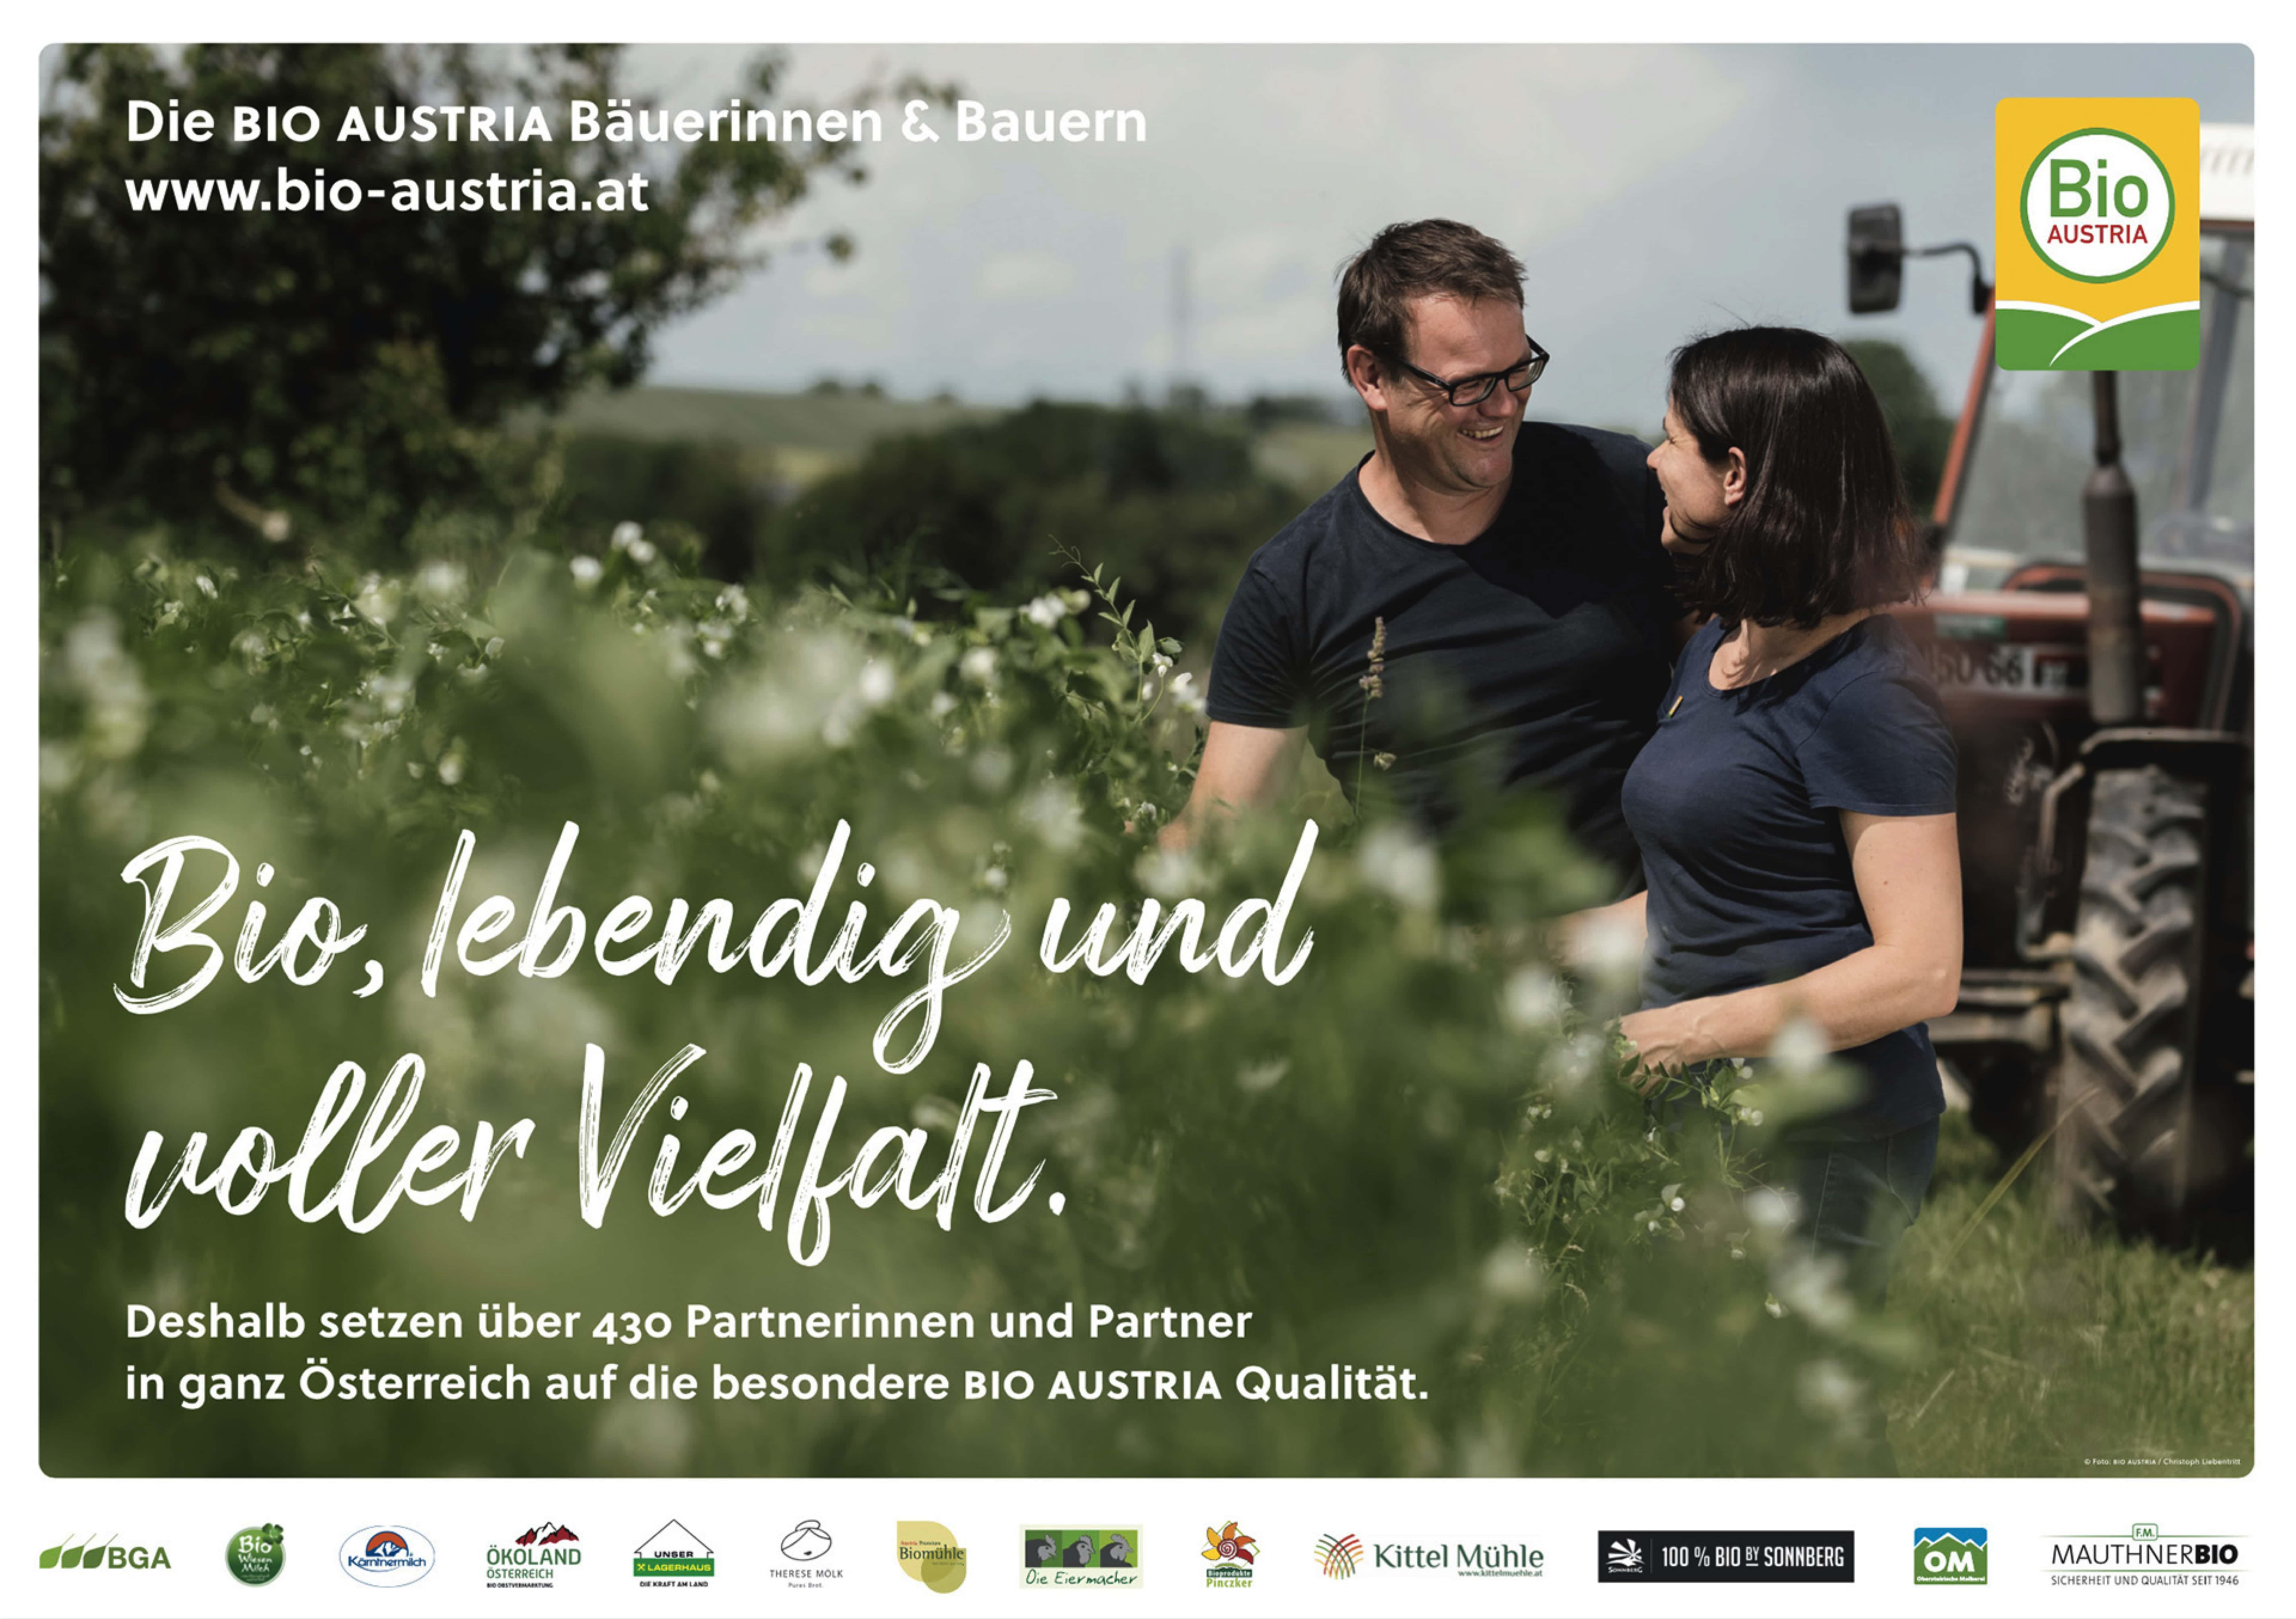 BIO AUSTRIA startet neue Kampagne   BIO AUSTRIA